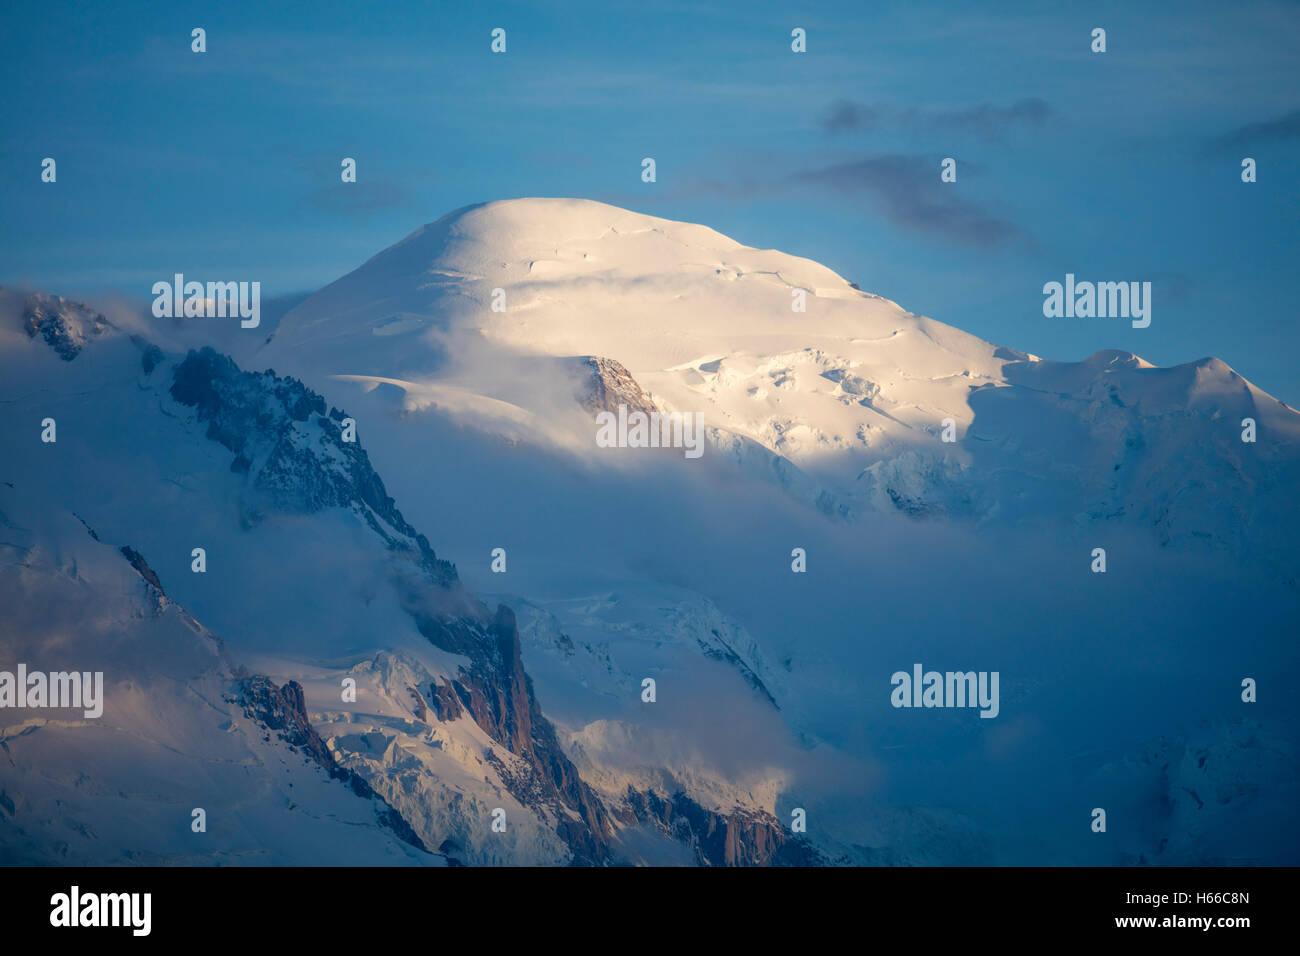 Le sommet du Mont Blanc (4809m), Vallée de Chamonix, Alpes, France. Photo Stock